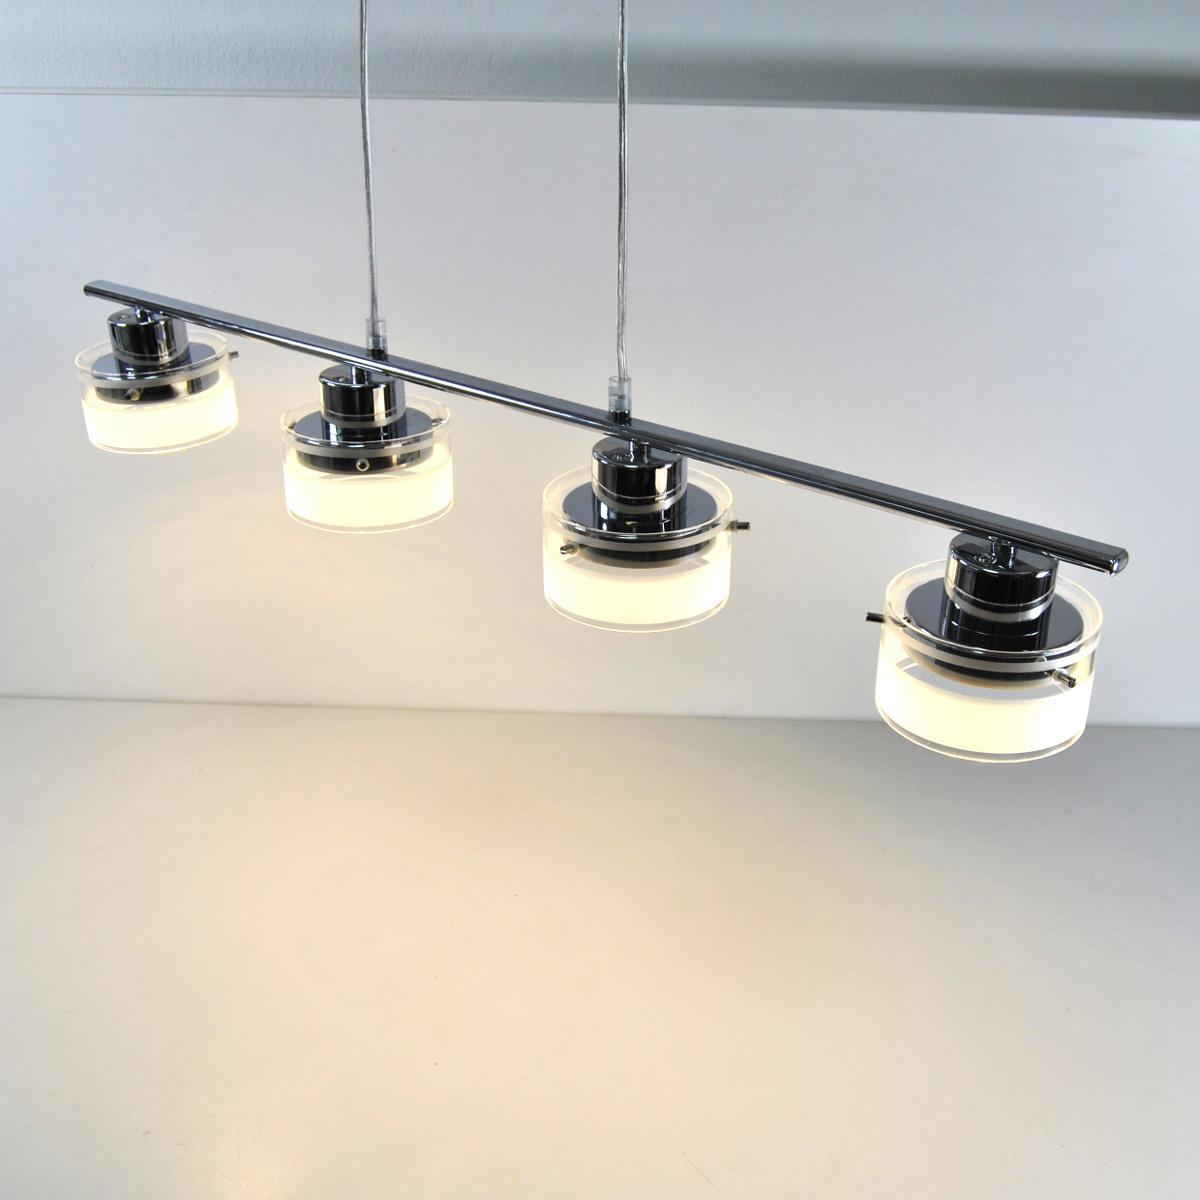 LED Pendelleuchte Hängelampe 59308647 Darlux chrom höhenverstellbar